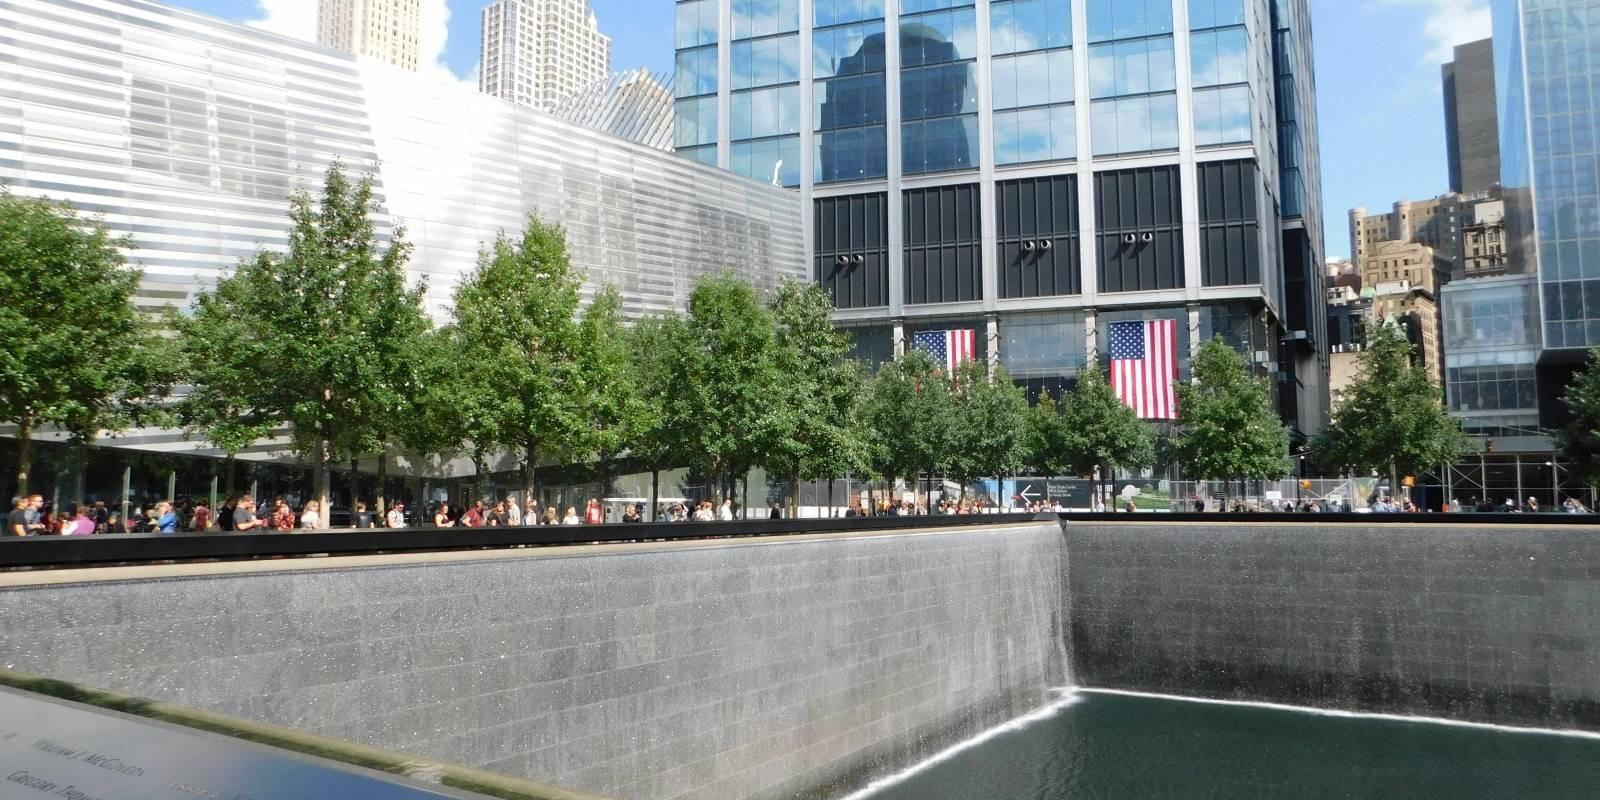 El barrio del Bajo Manhattan ha resurgido de las cenizas de los ataques del 11 de septiembre del 2001.